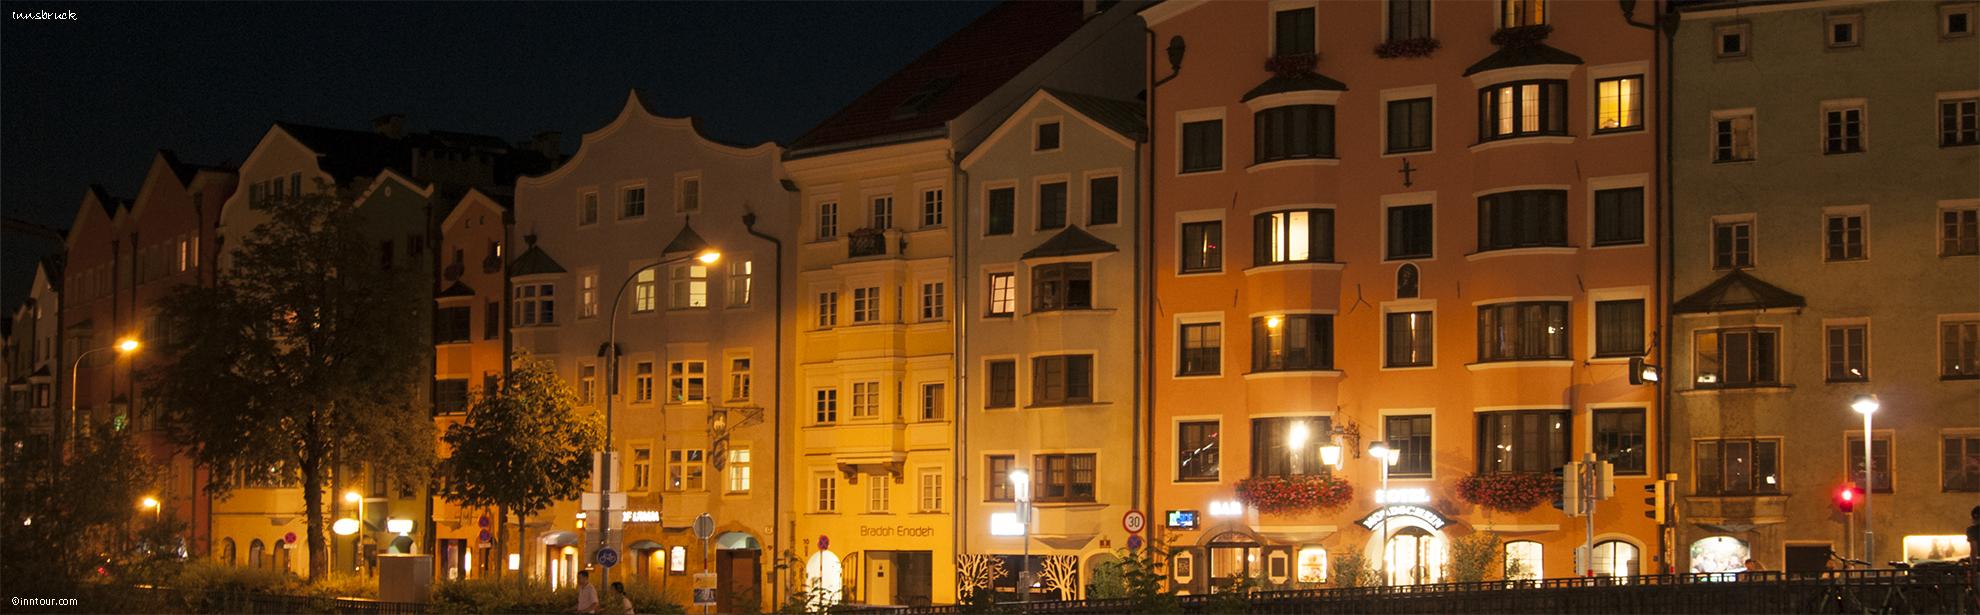 Osportinntour_Innsbruck_DSC_2586